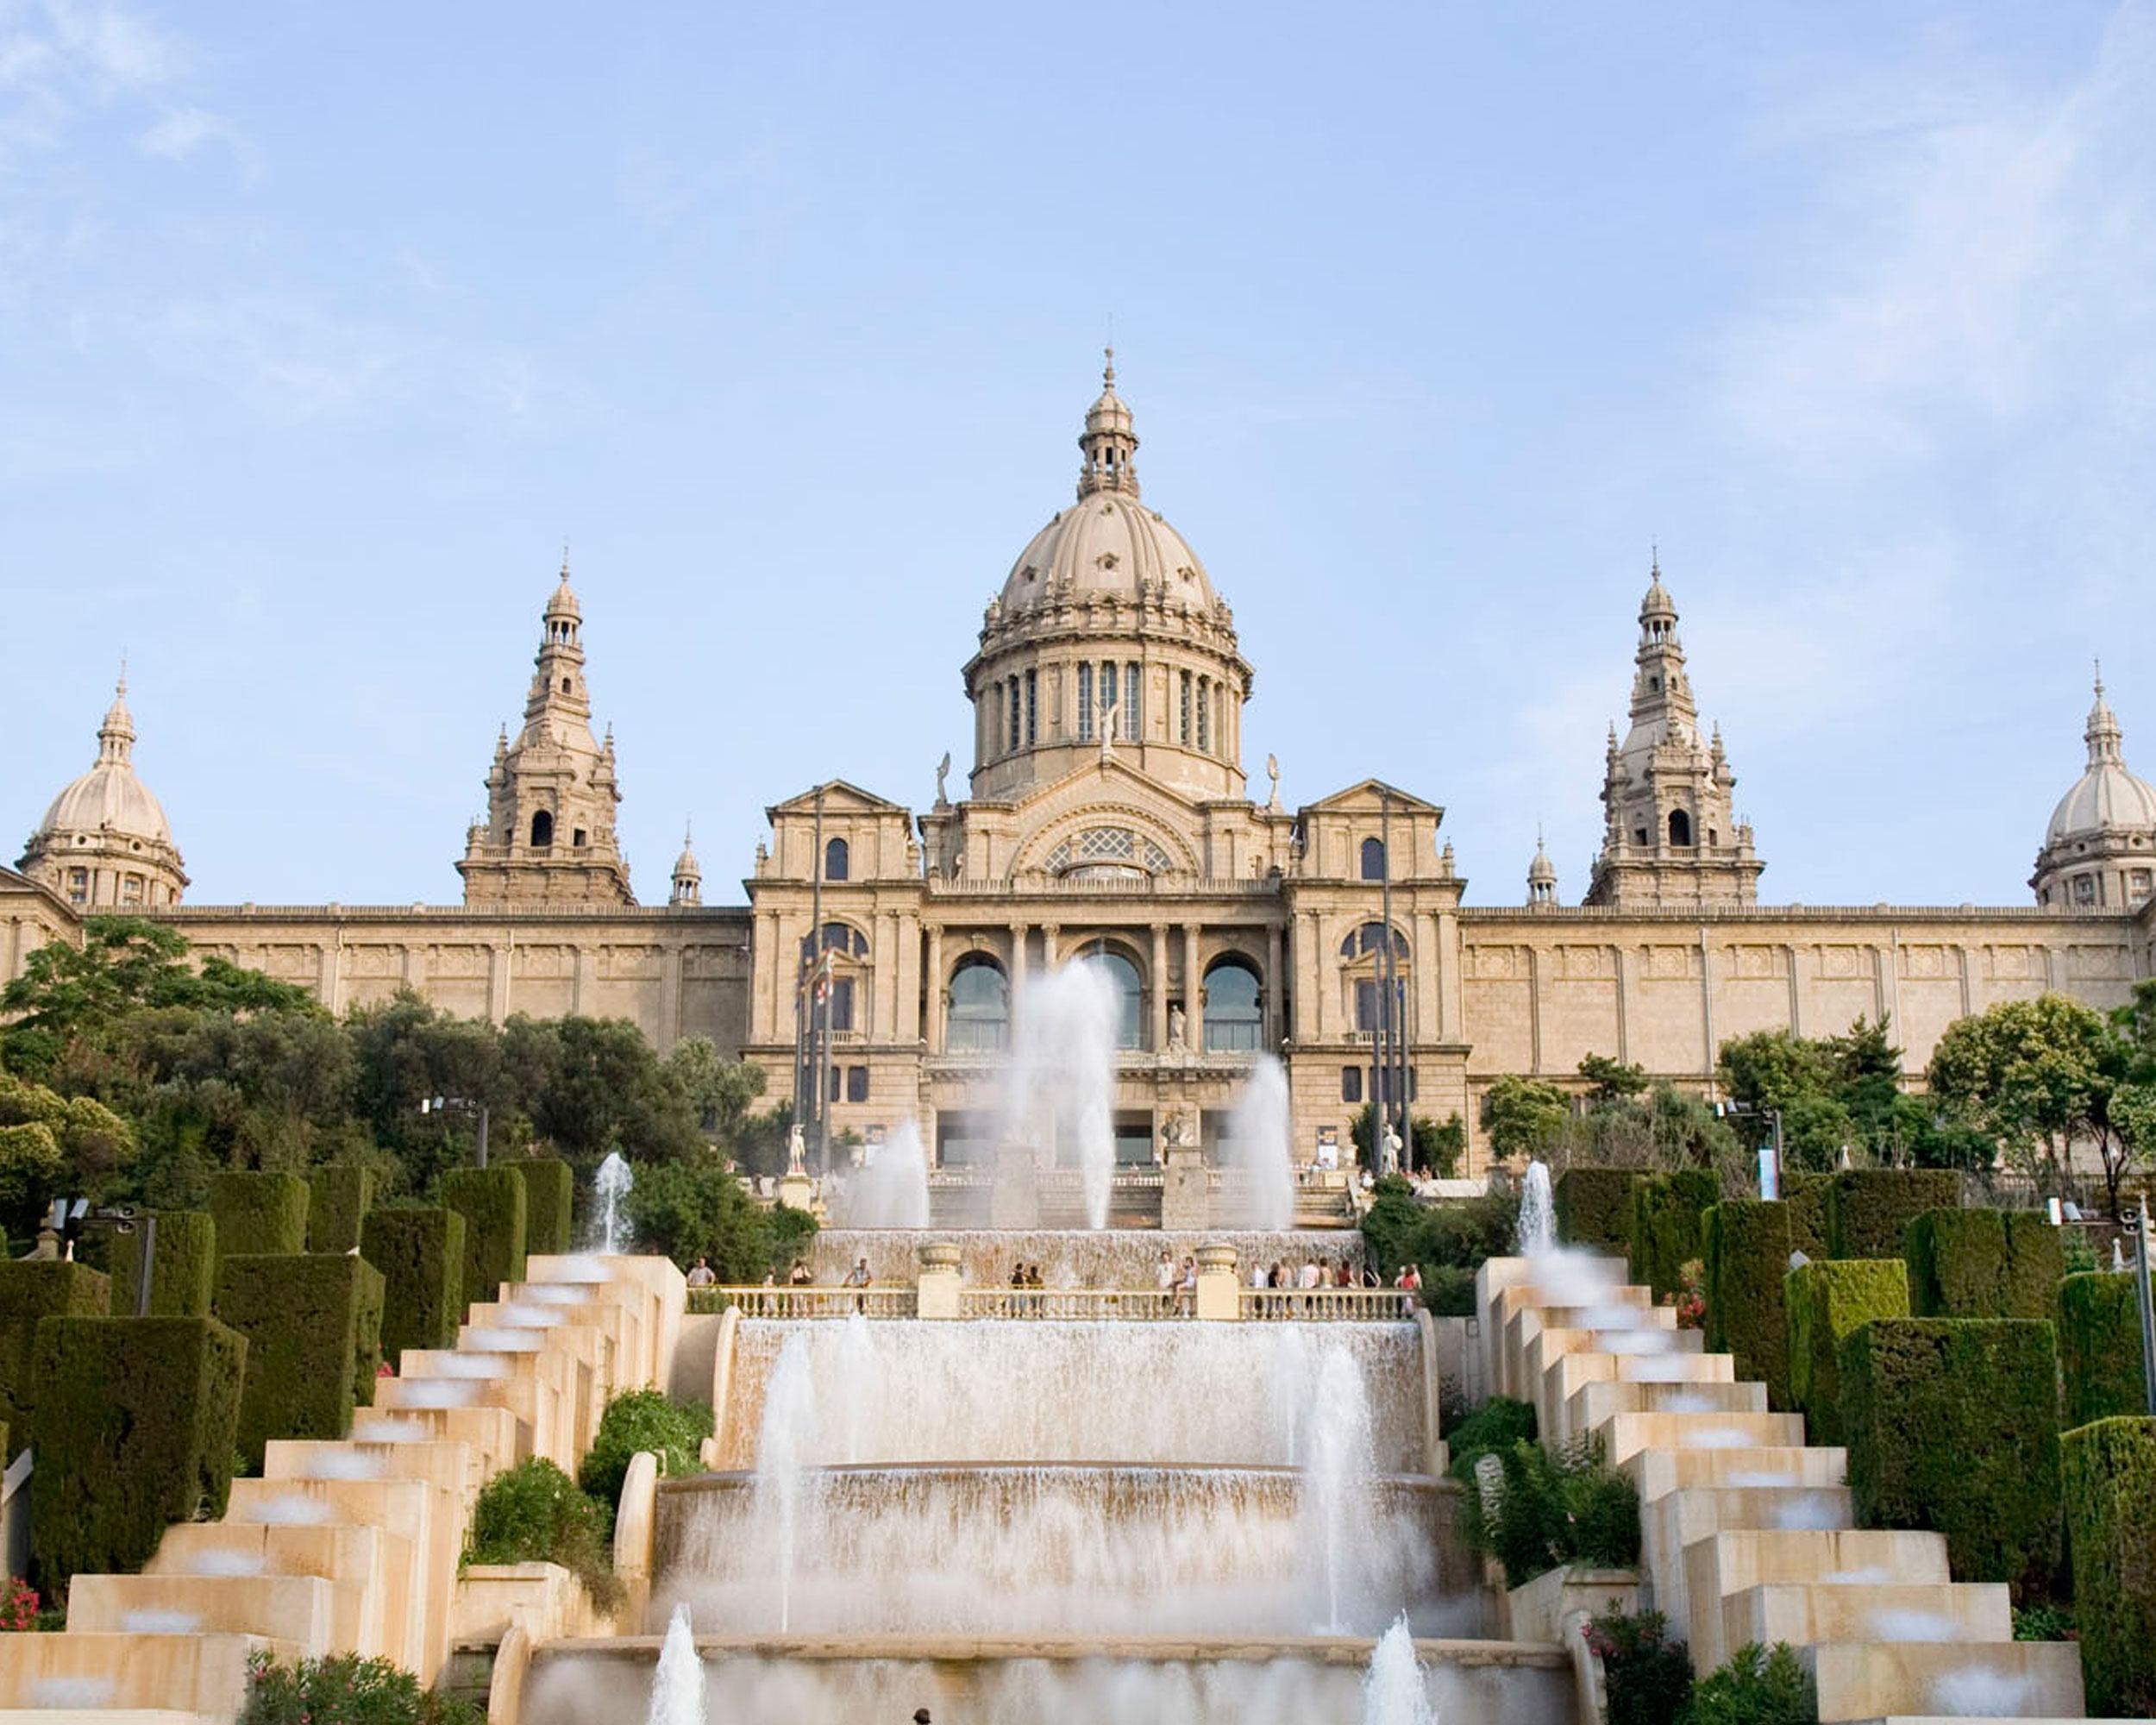 Museu Nacional d'Art de Catalunya  Visit the Museu Nacional